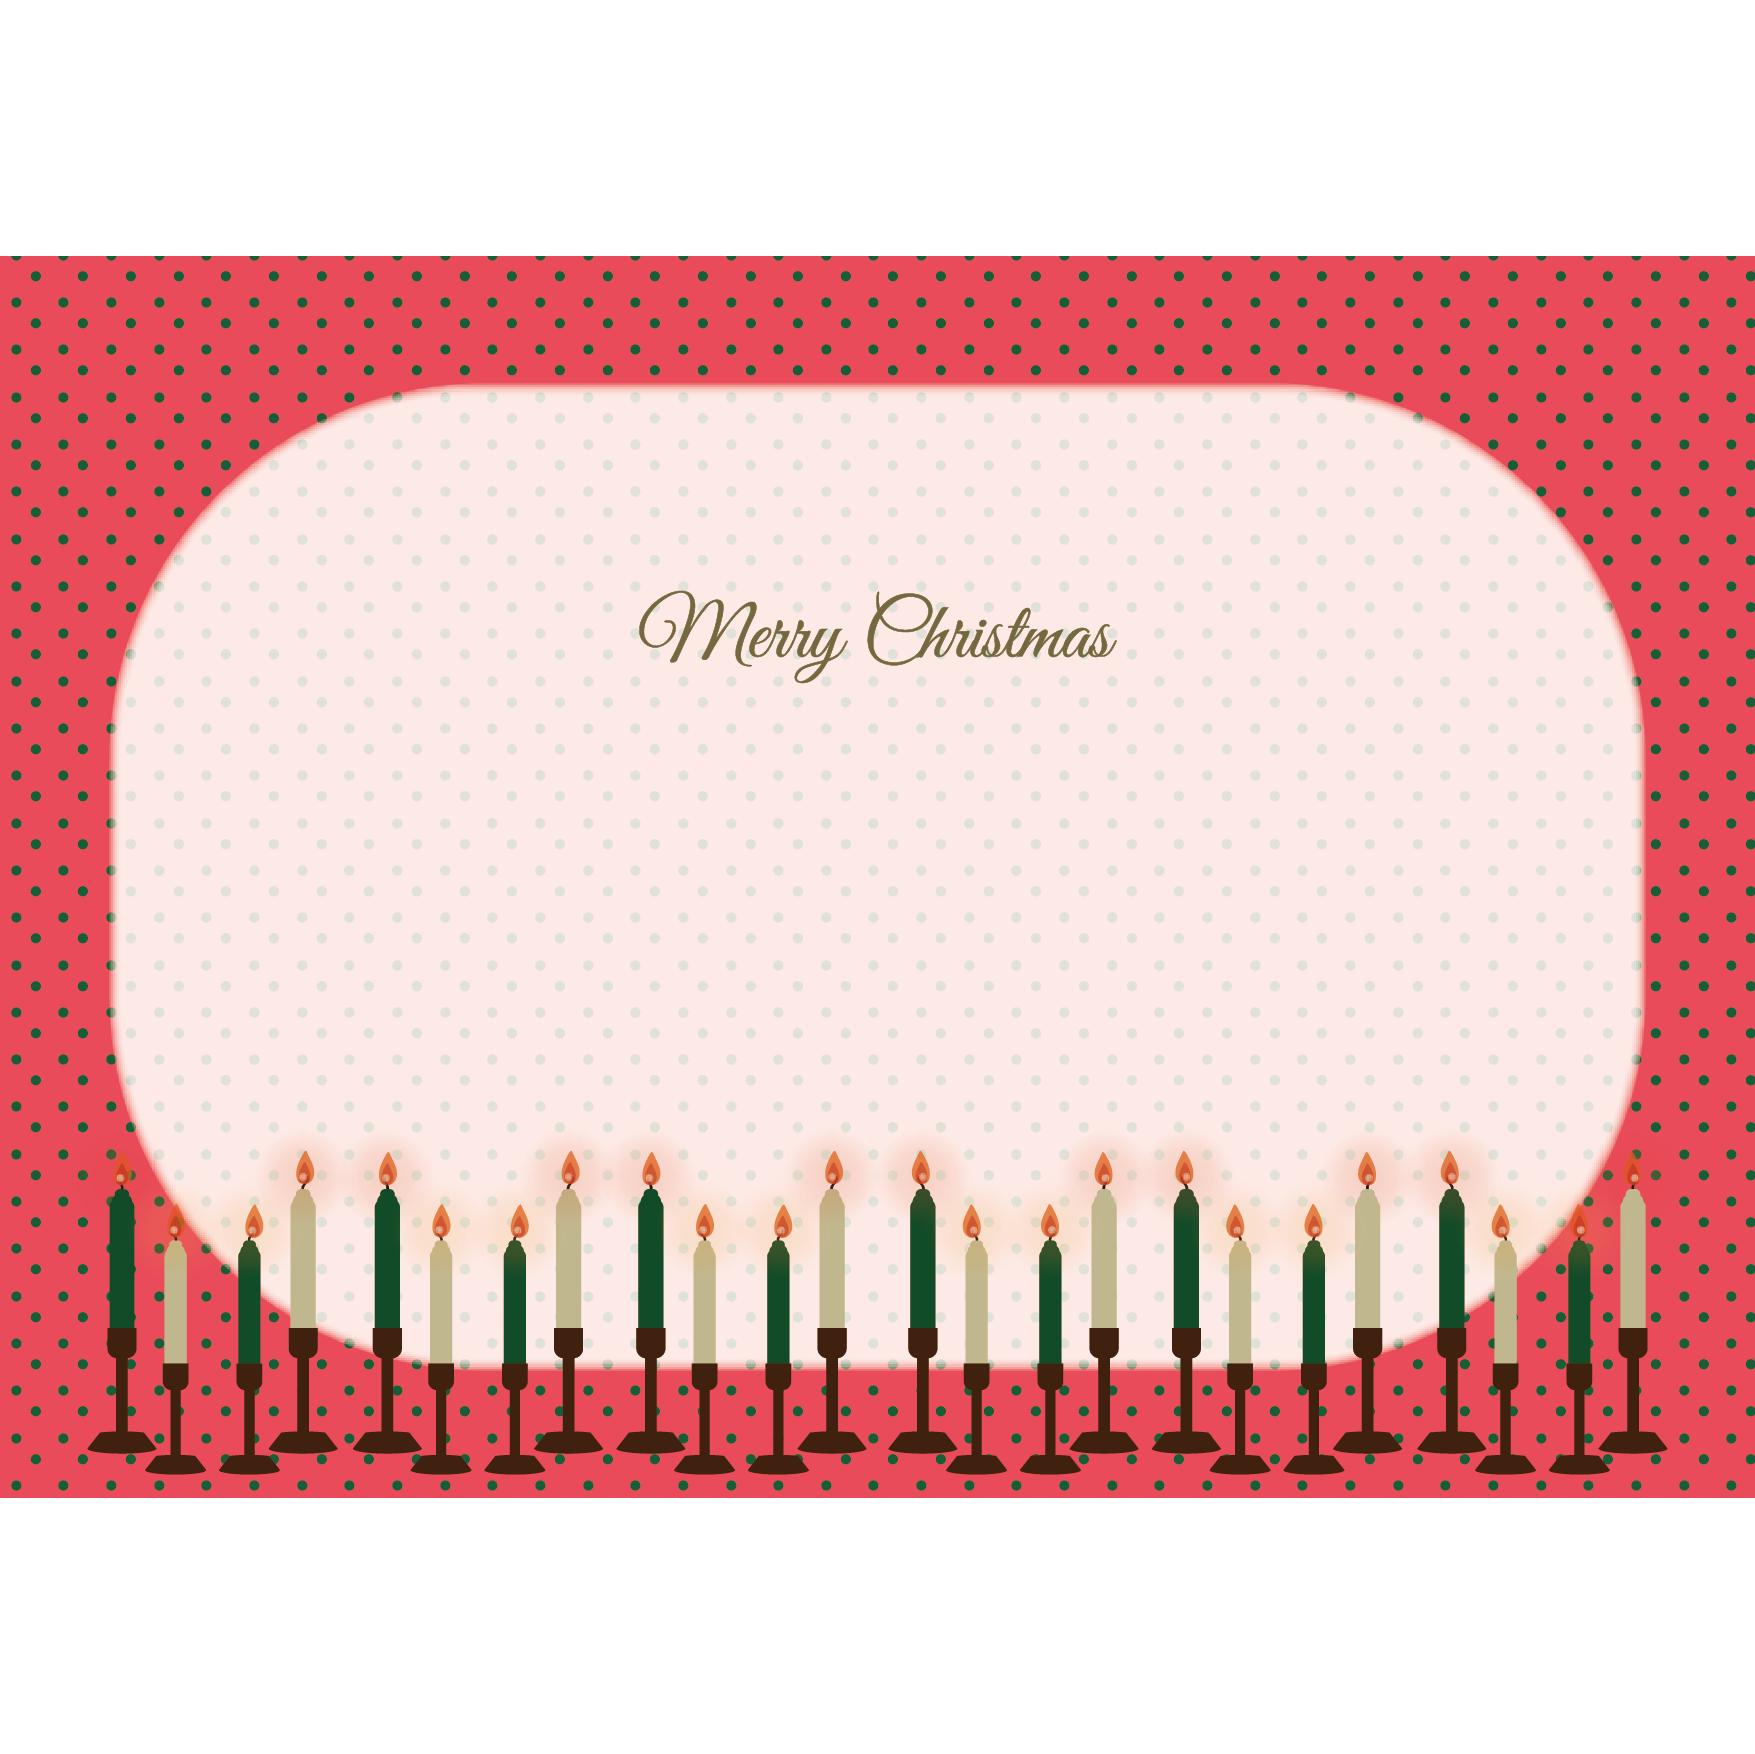 クリスマス キャンドルのフレーム フリーイラスト | 商用フリー(無料